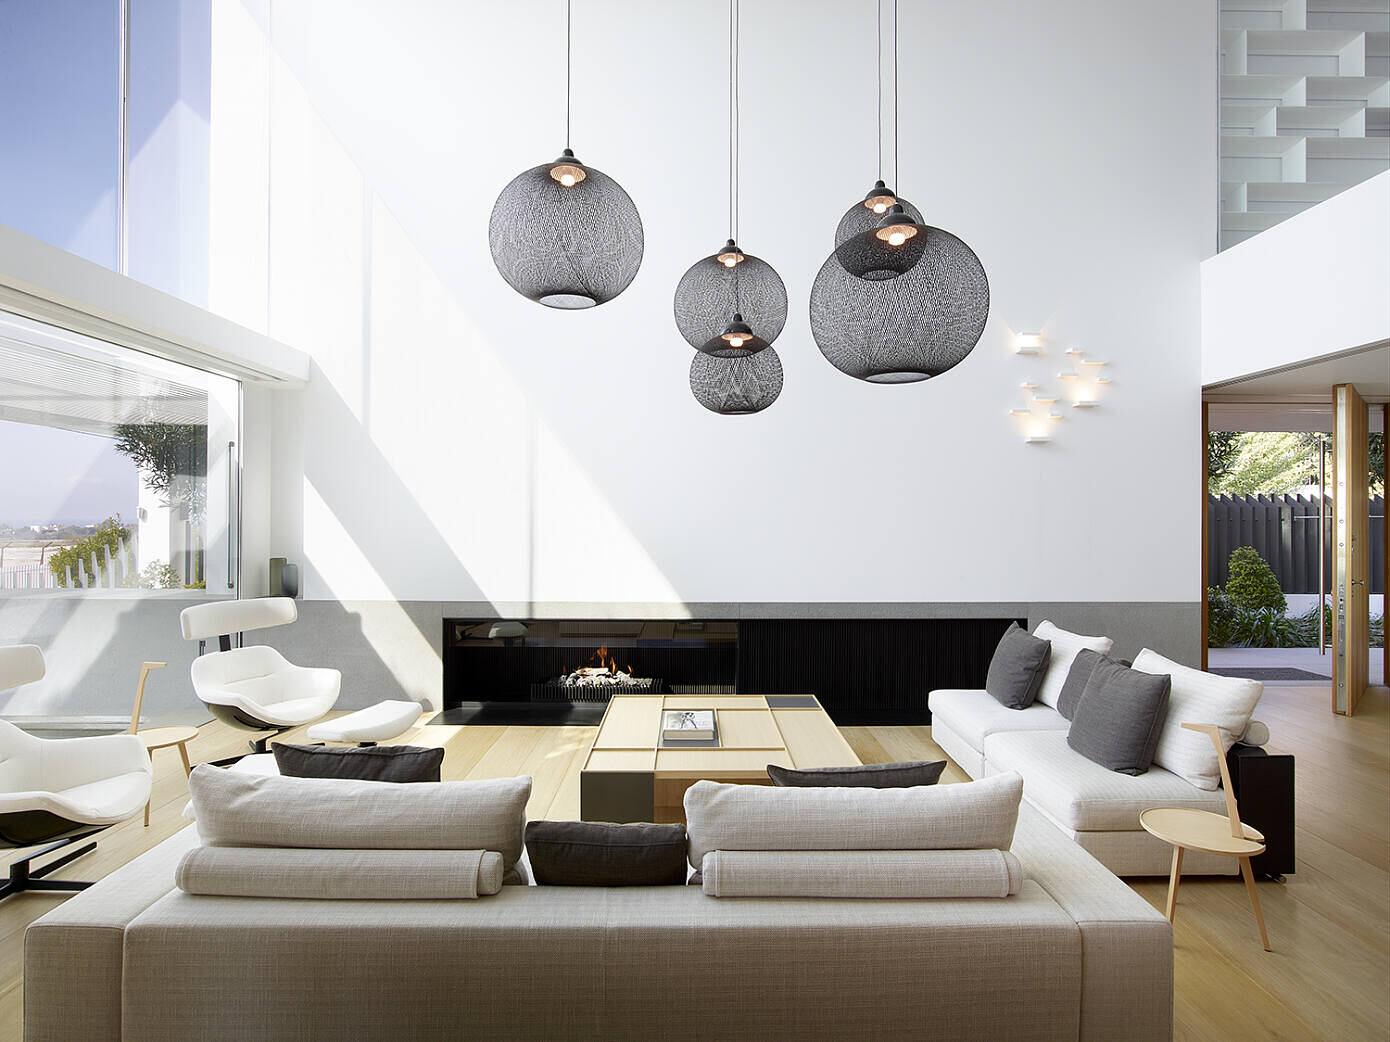 20 Inspiring Interior Designers that Dominate Athens interior designers 20 Inspiring Interior Designers that Dominate Athens 001 gxl residence 360 conceptdesignstudio